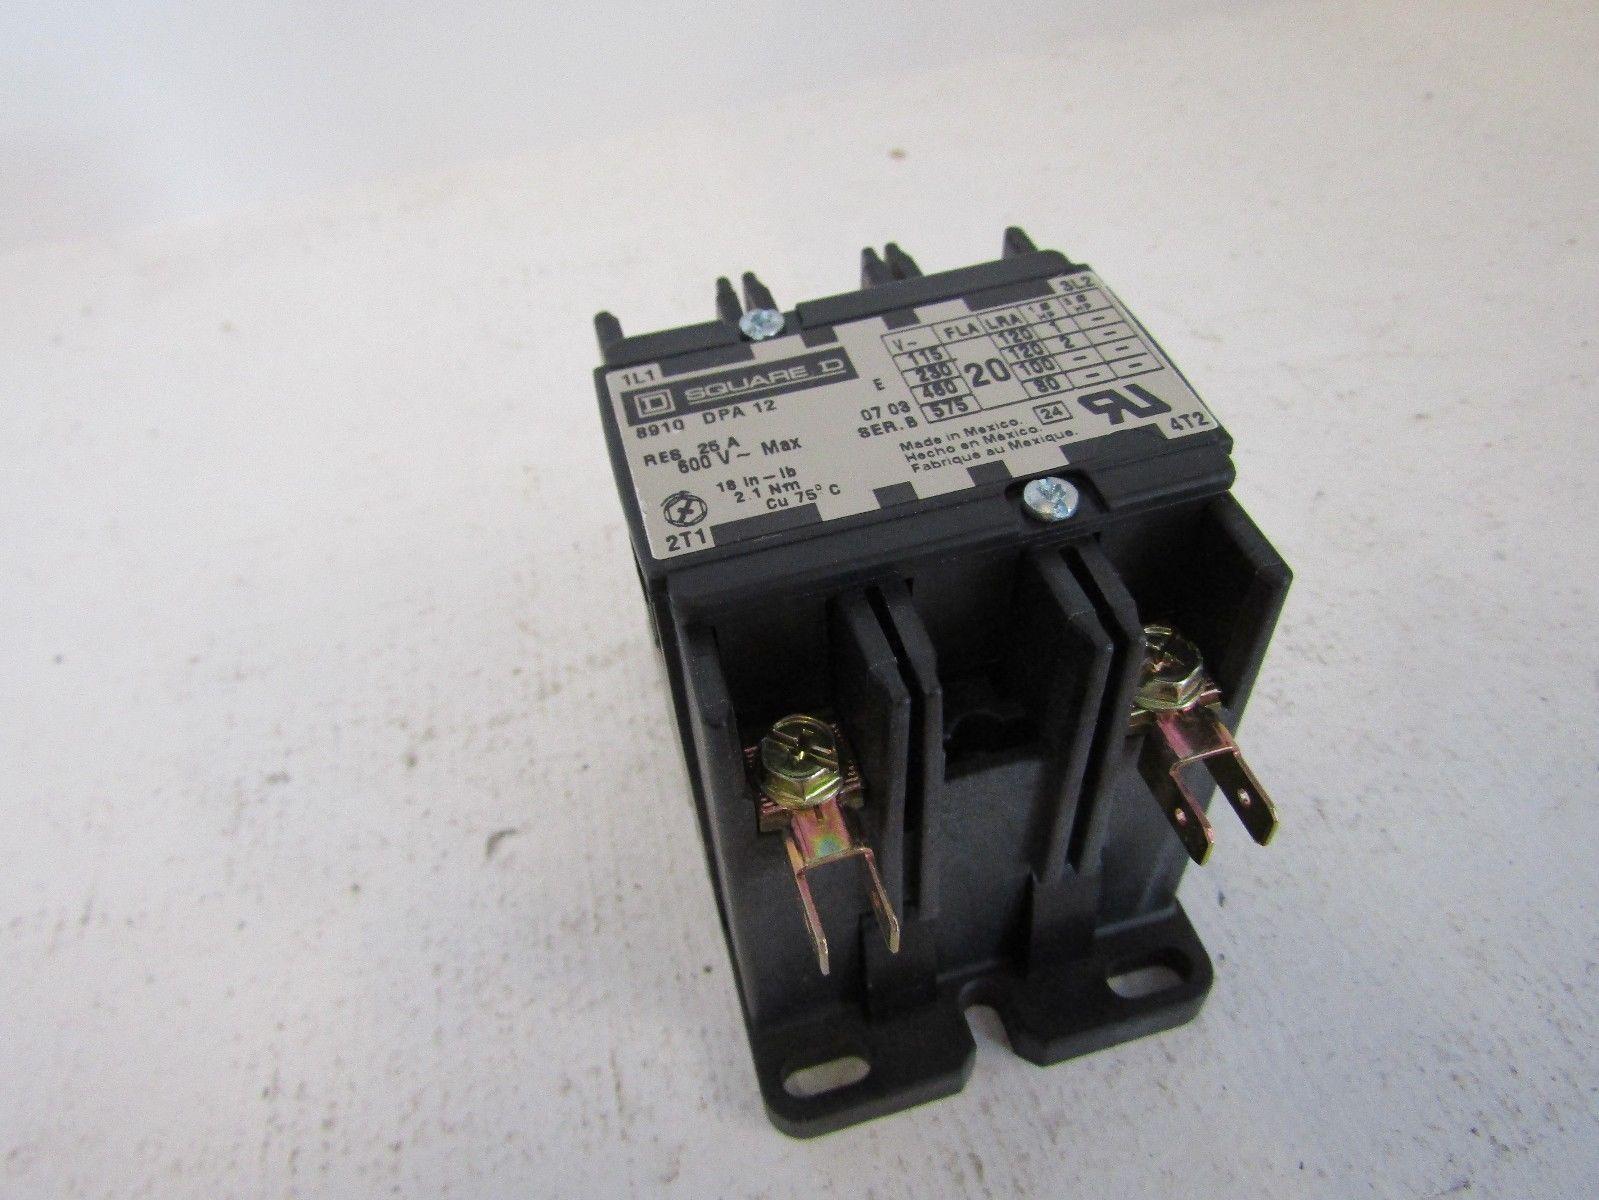 NEW SQUARE D 8910DPA12V14 2 POLE 20 AMP DEFINITE PURPOSE CONTACTOR 24 VOLT  COIL 231740007036 3